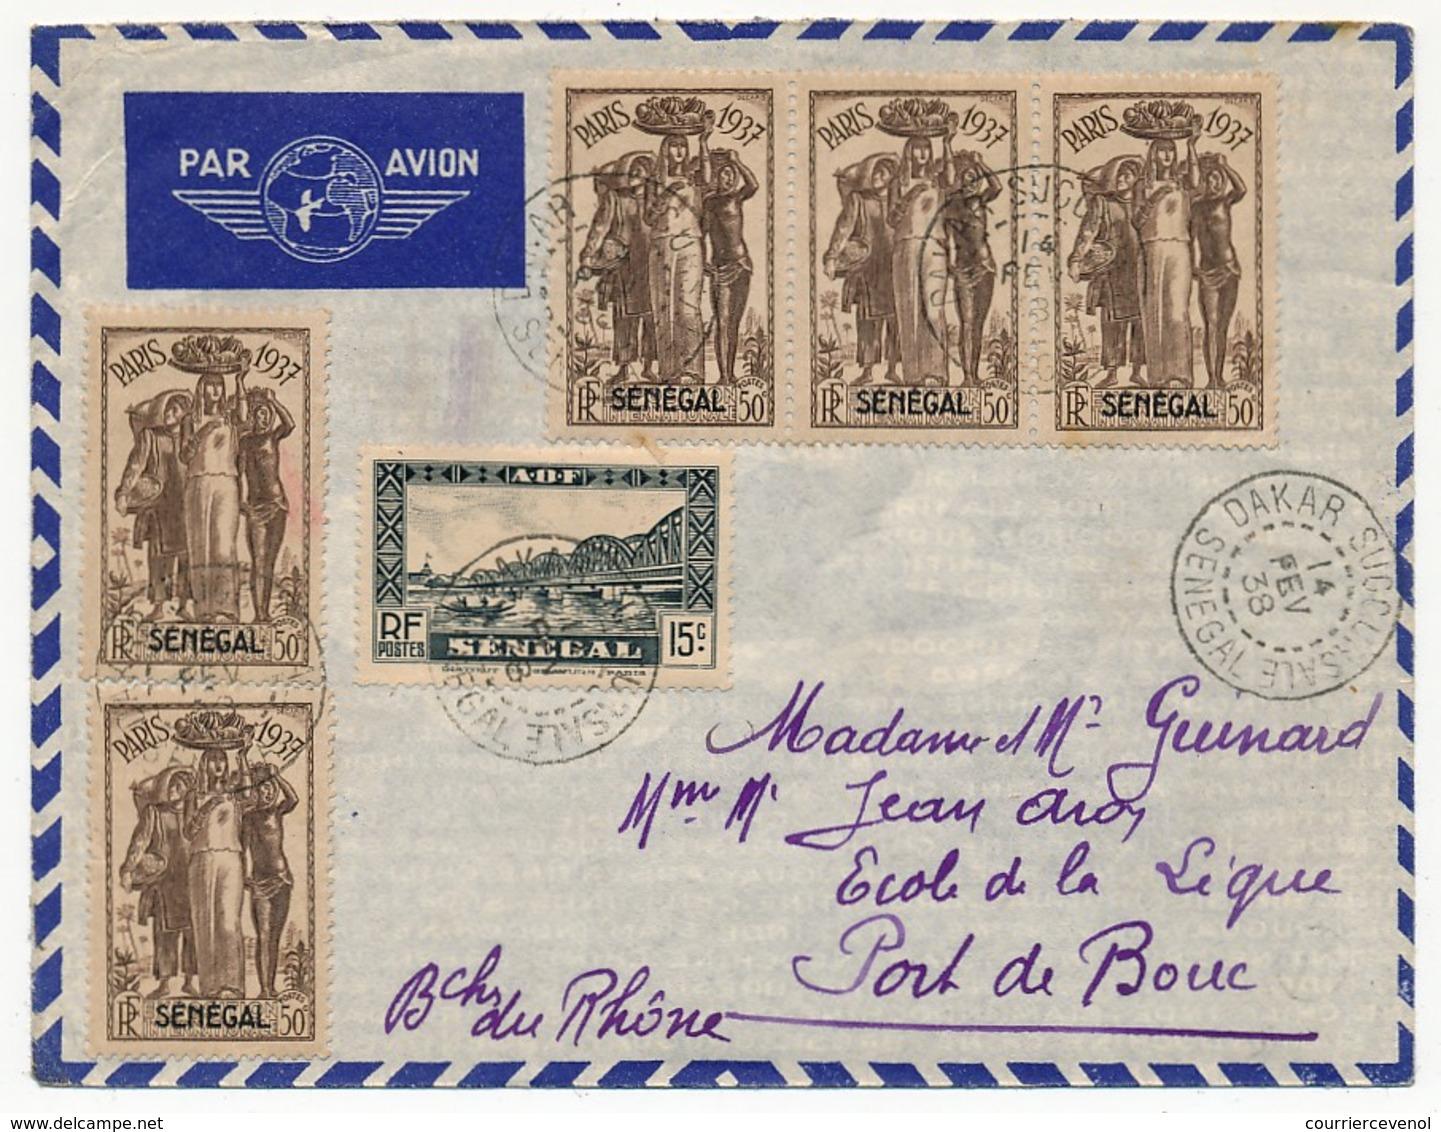 SENEGAL - Belle Enveloppe Affr. Composé Dont 50c Exposition Internationale De Paris 1937 X5 - Dakar Sucoursale 1938 - Lettres & Documents